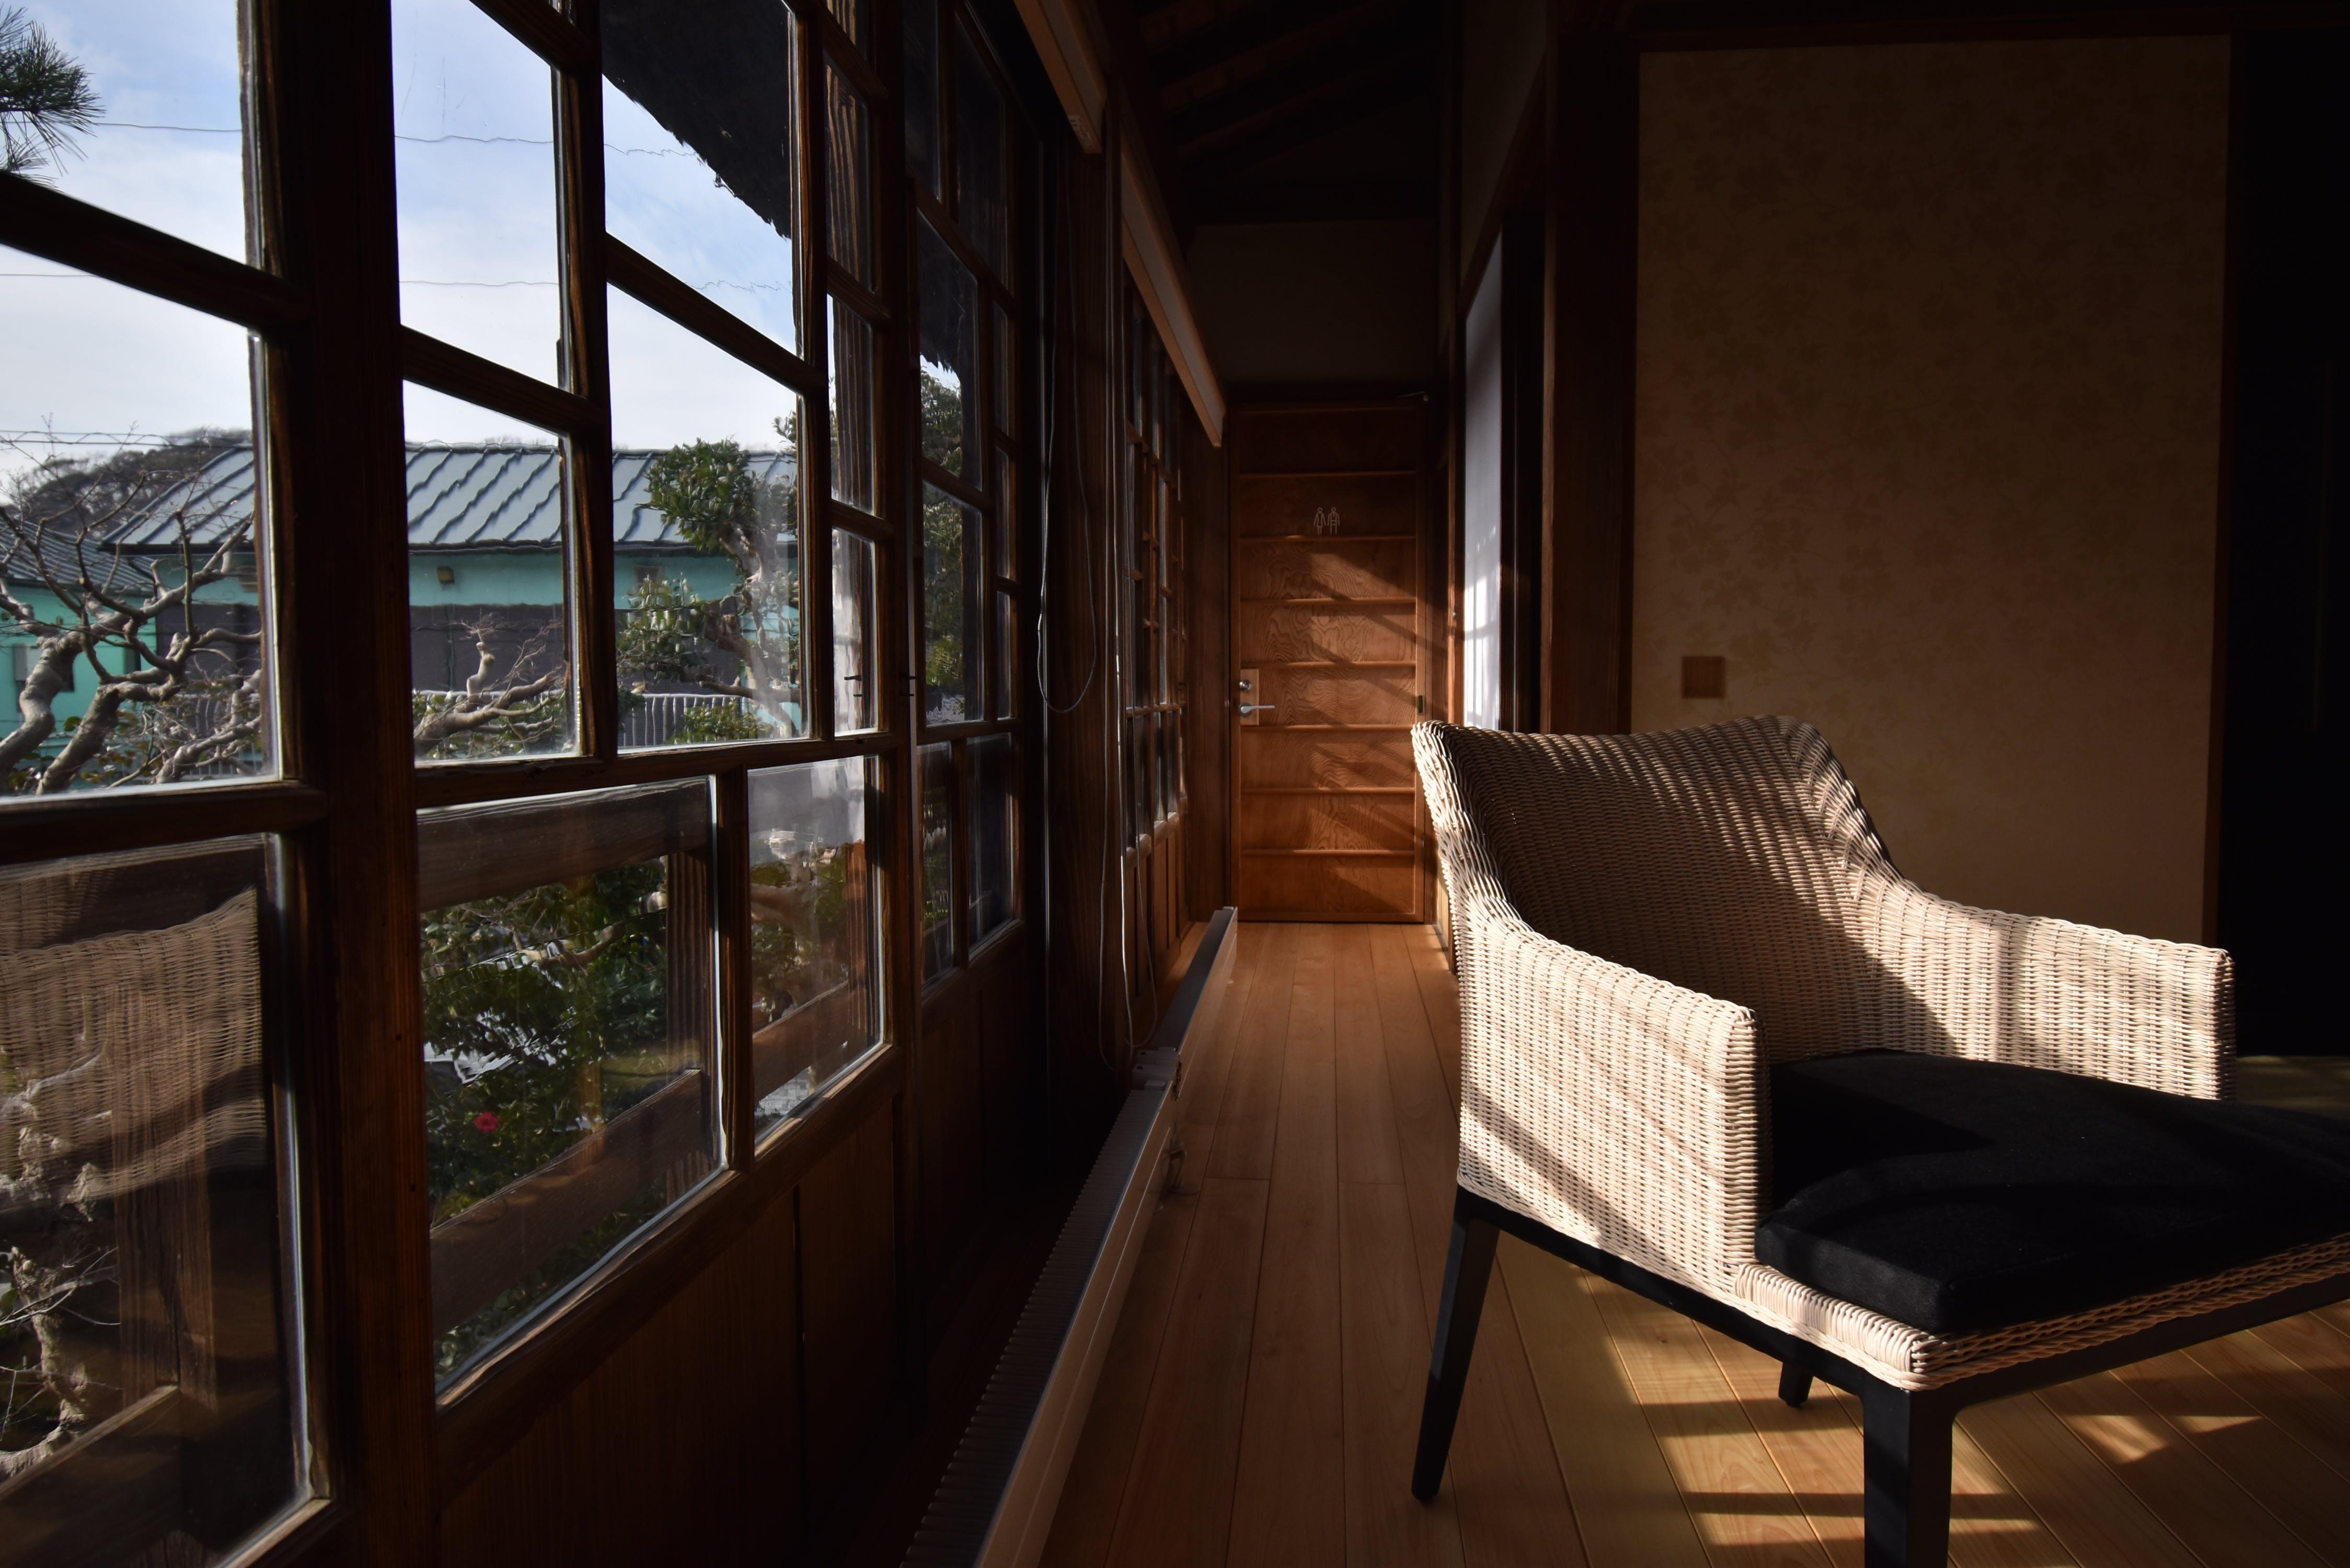 【取材】2019年1月開業。古都鎌倉の古民家で上質な滞在を